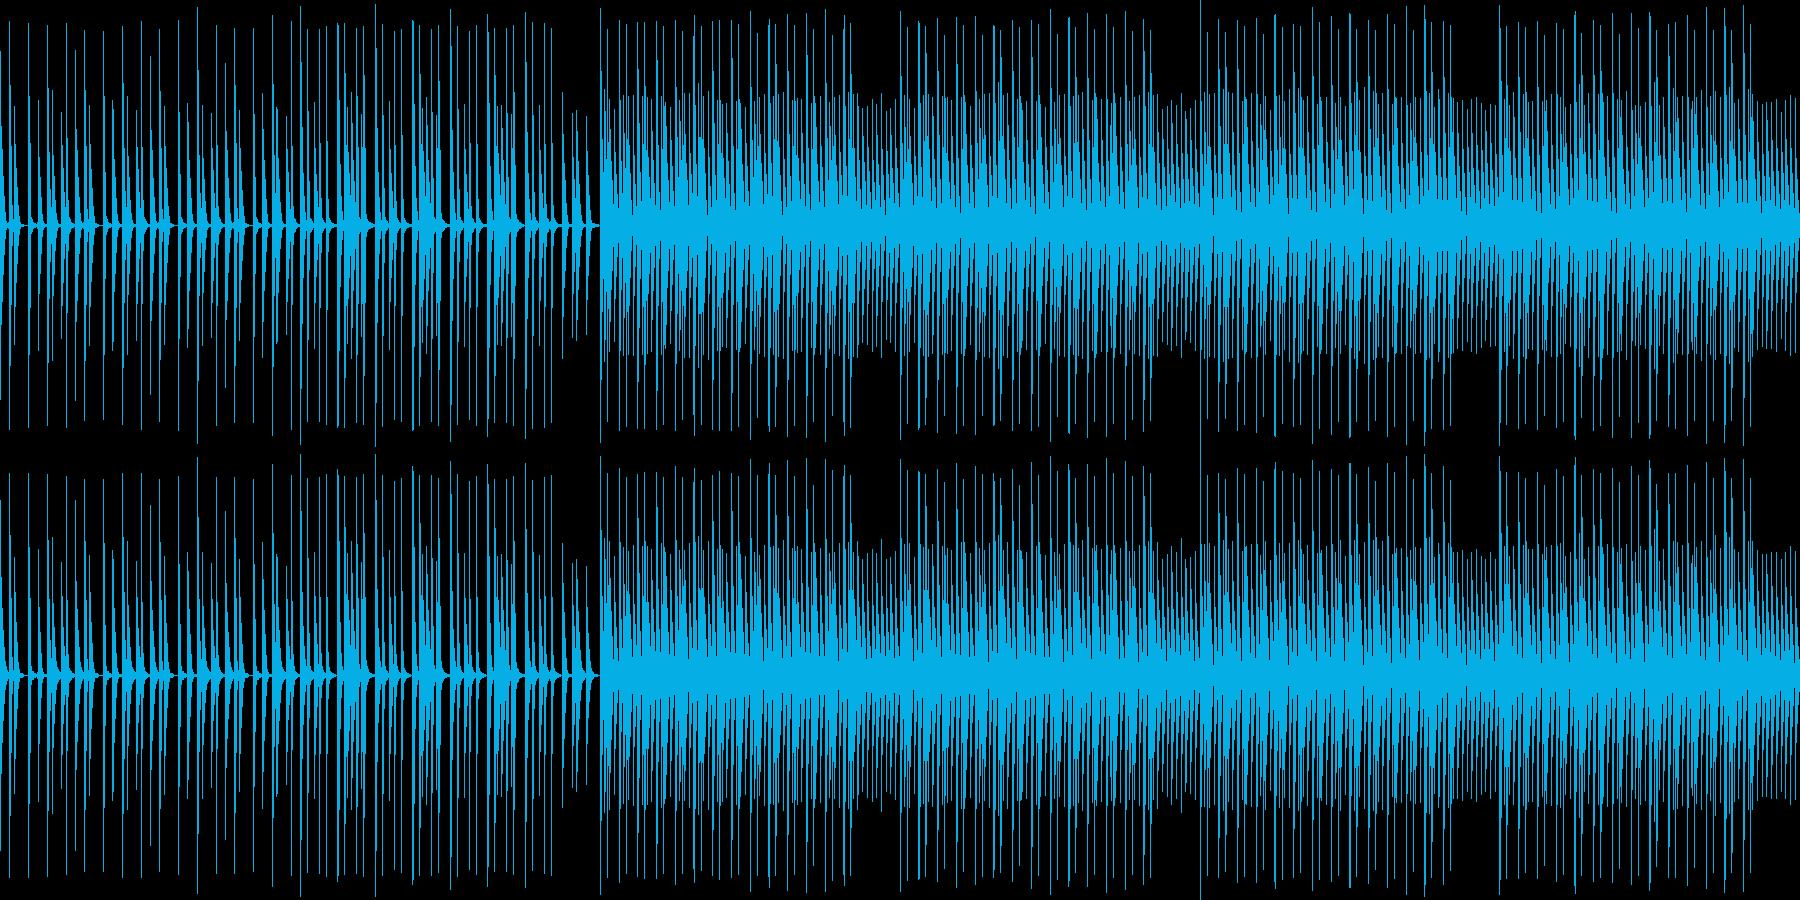 【ほのぼのかわいいエレクトロニカ】の再生済みの波形